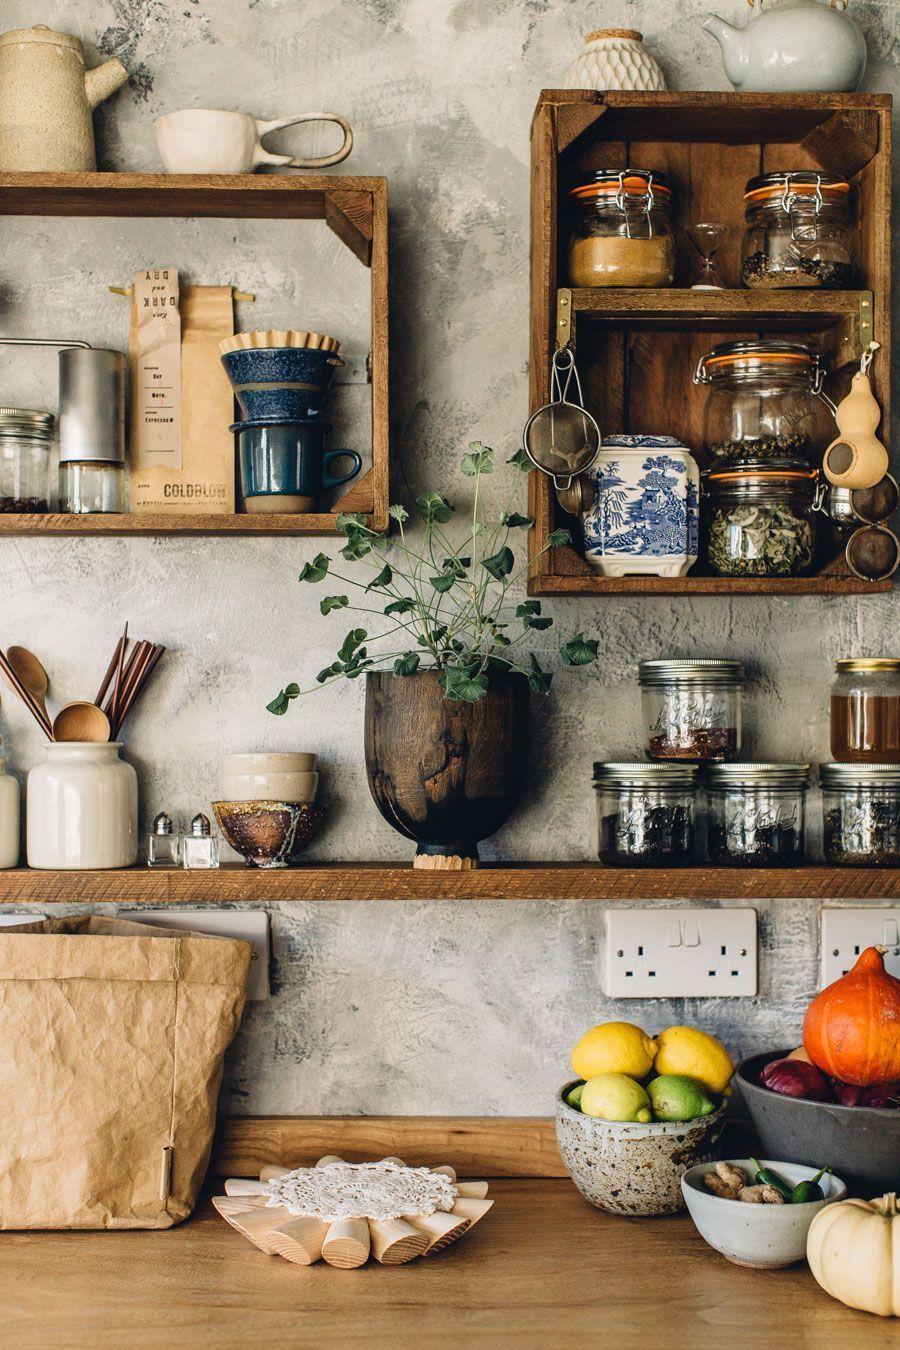 Eine handgefertigte Küche in East Sussex. - UPCYCLING IDEEN #rusticinteriors Eine handgefertigte Küche in East Sussex., #handgefertigte #kuche #sussex